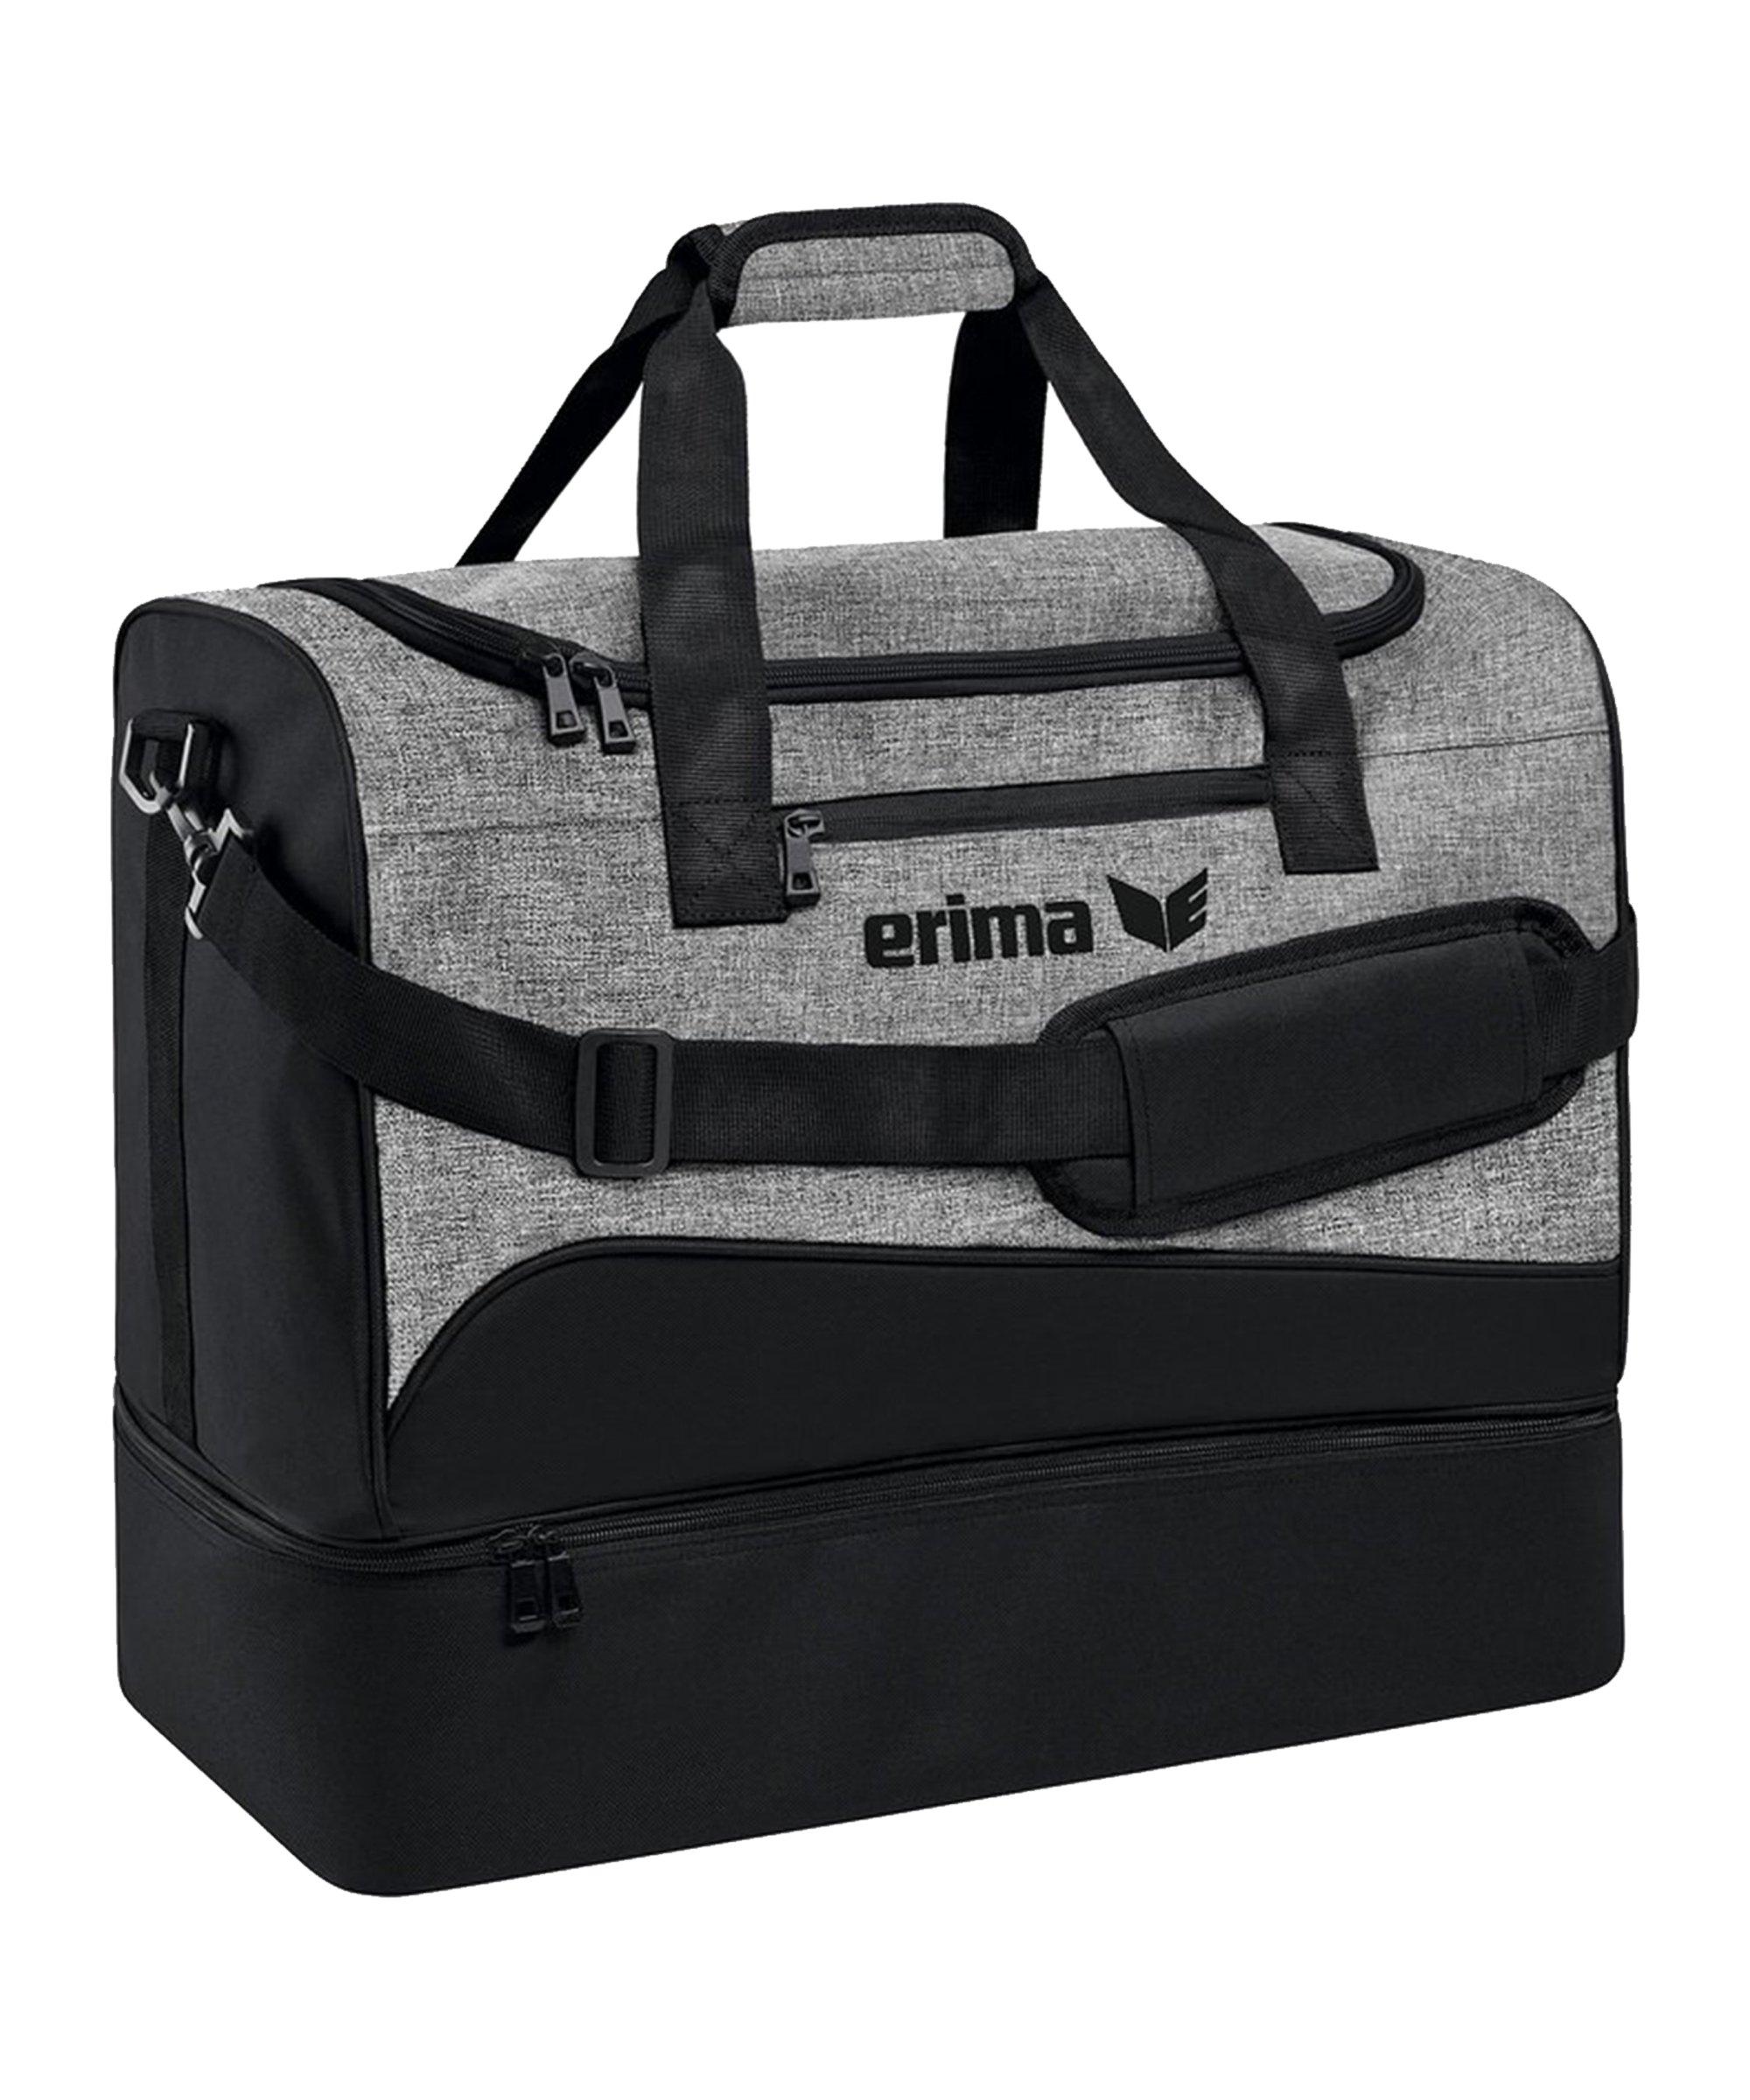 Erima Club 1900 Tasche mit Bodenfach Gr. L Schwarz - schwarz